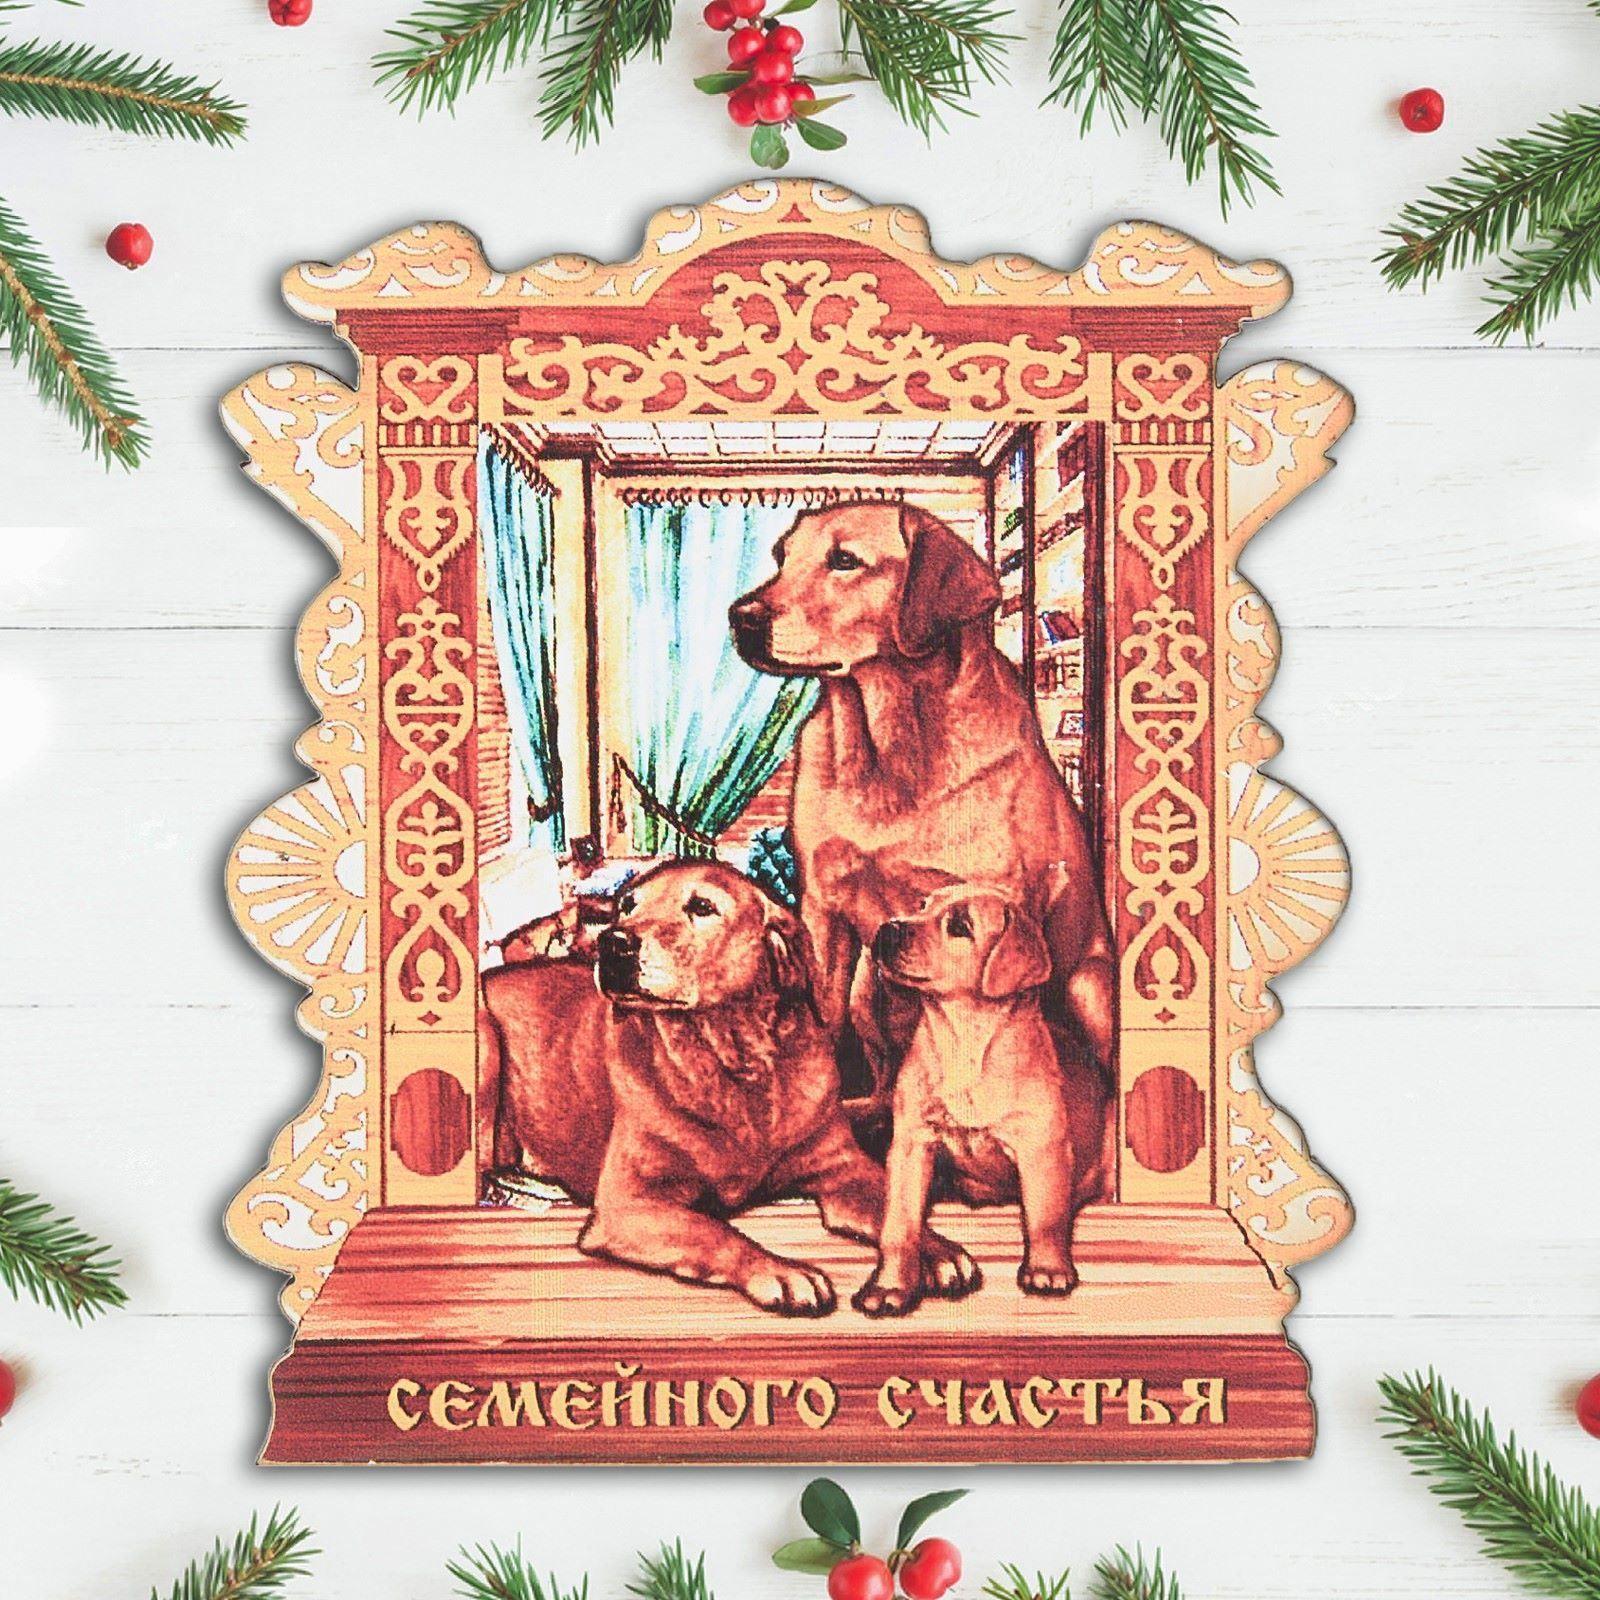 Магнит Sima-land Семейного счастья, 8 х 7 см2460294Порадуйте родных и близких оригинальным сувениром: преподнесите в подарок магнит. С ним даже самый серьёзный человек почувствует себя ребёнком, ожидающим чудо! Создайте праздничное настроение, и оно останется с вами на весь год.